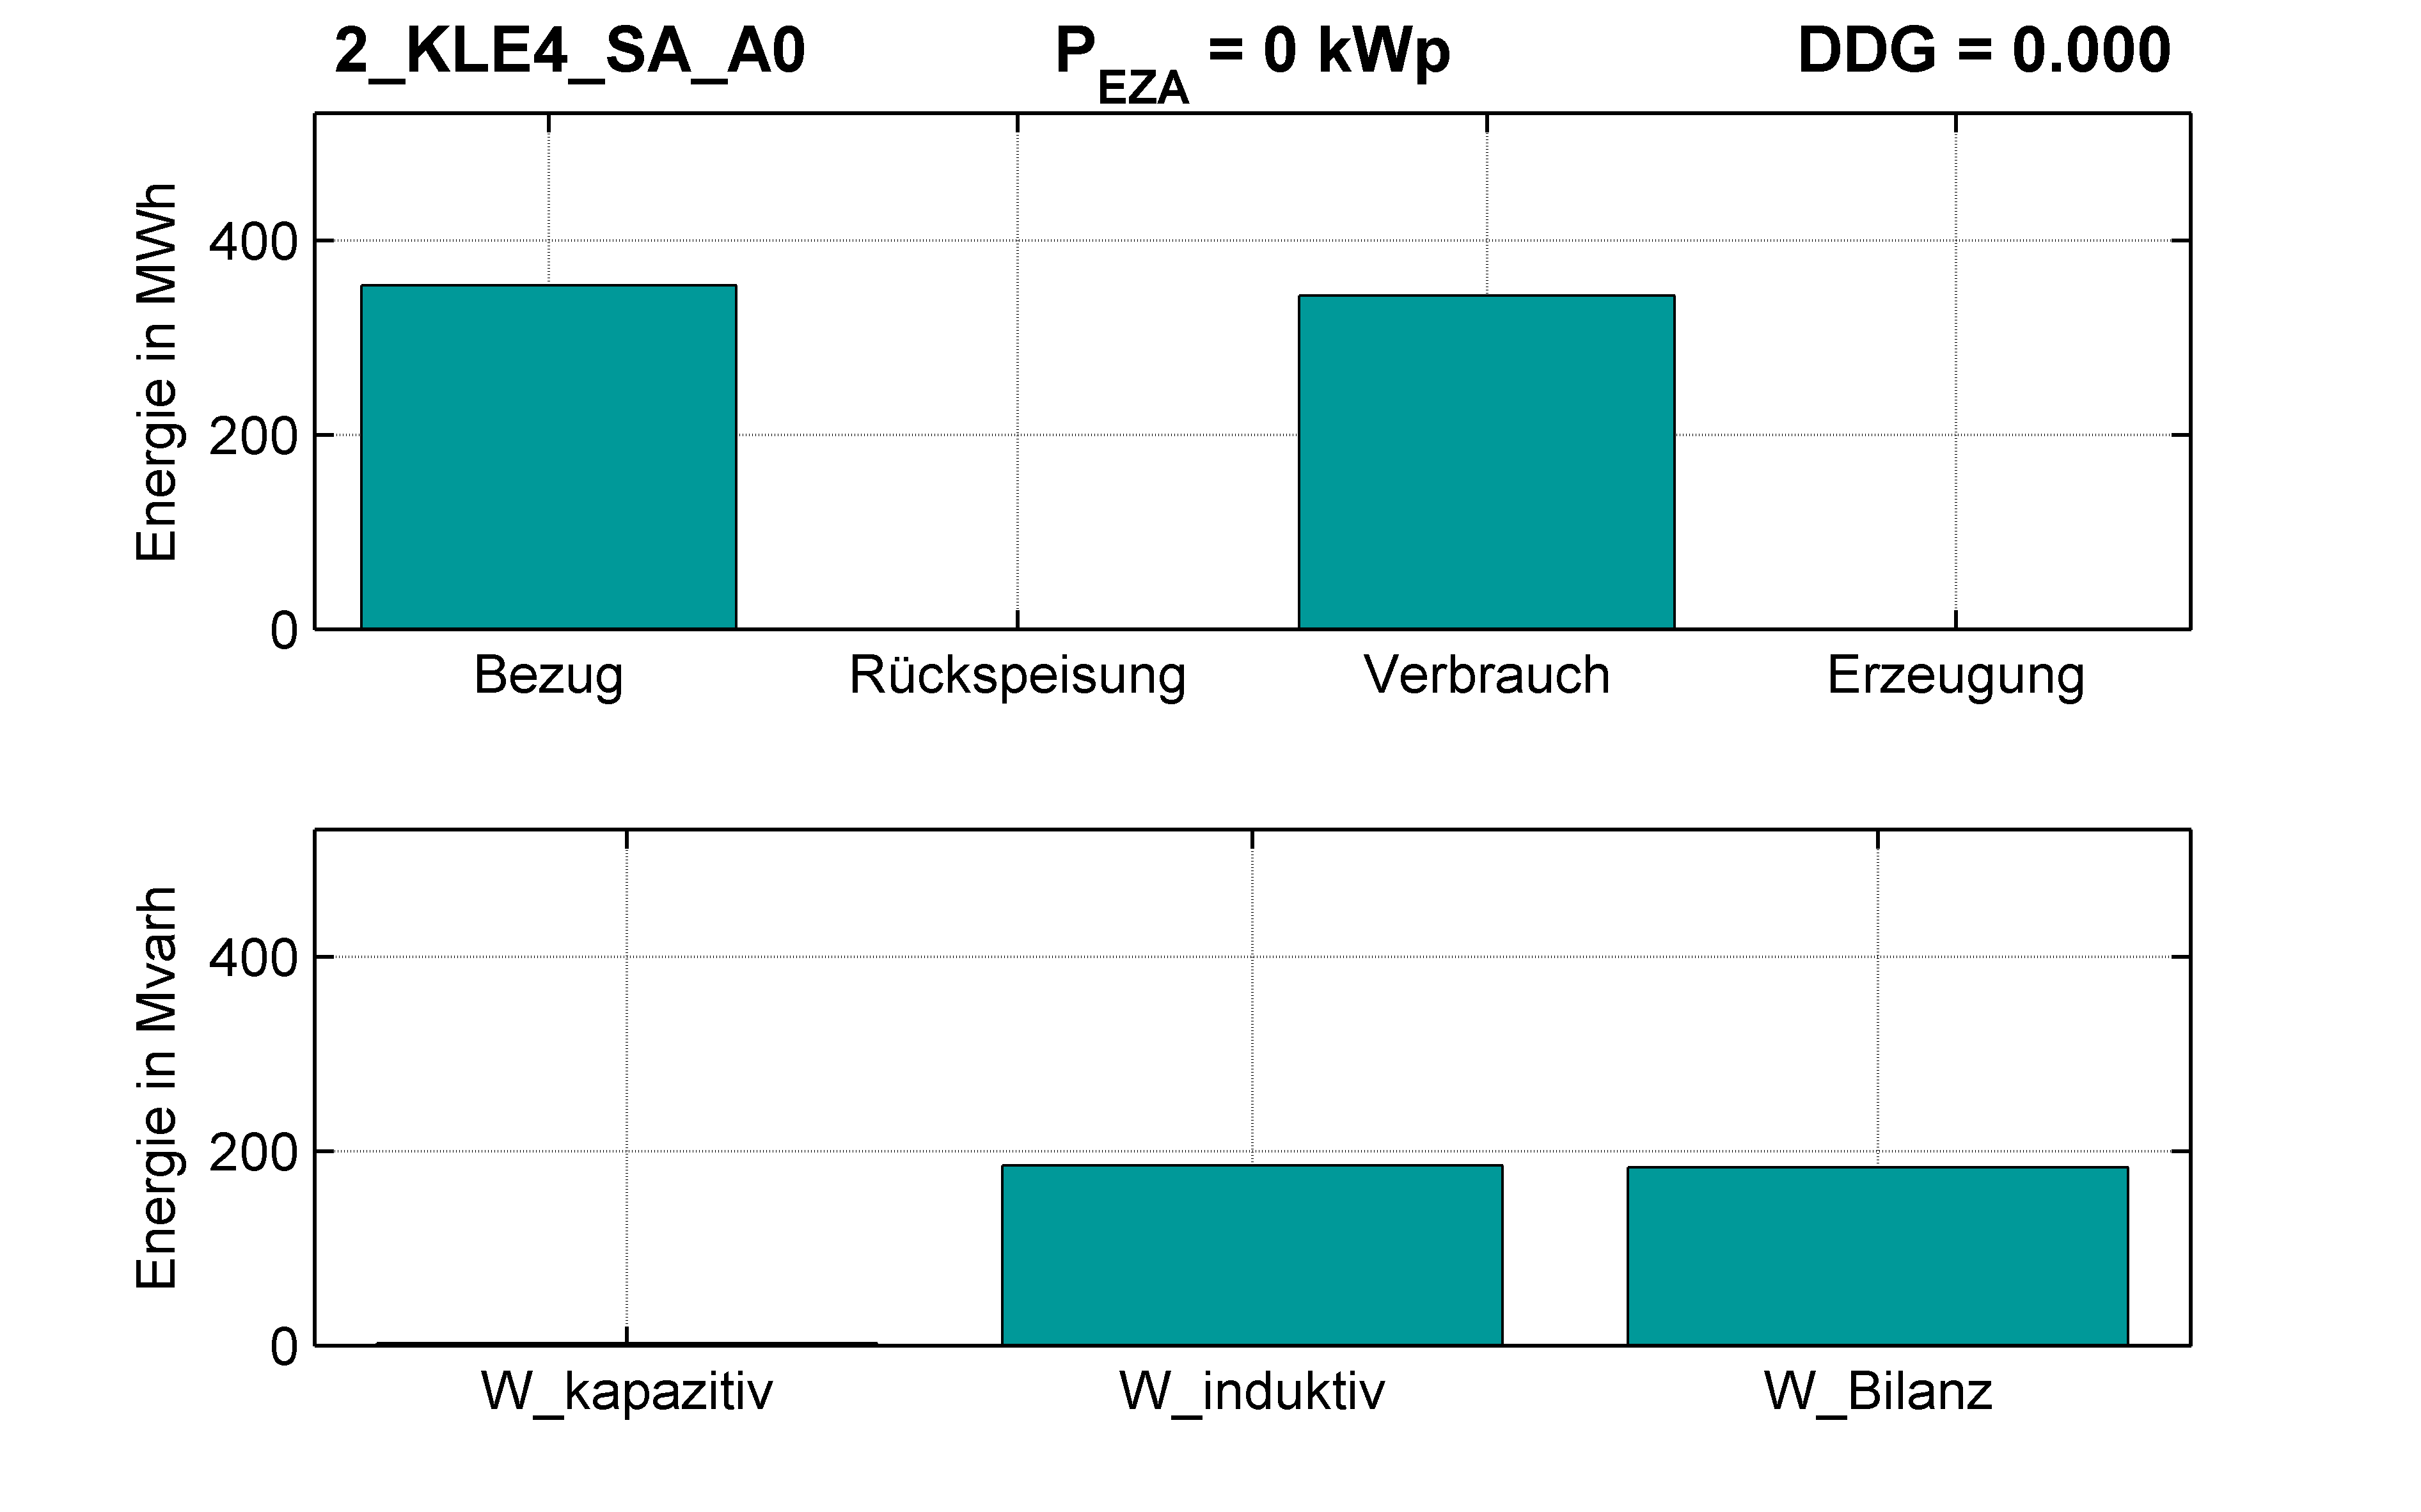 KLE4 | P-Kappung 85% (SA) A0 | PQ-Bilanz